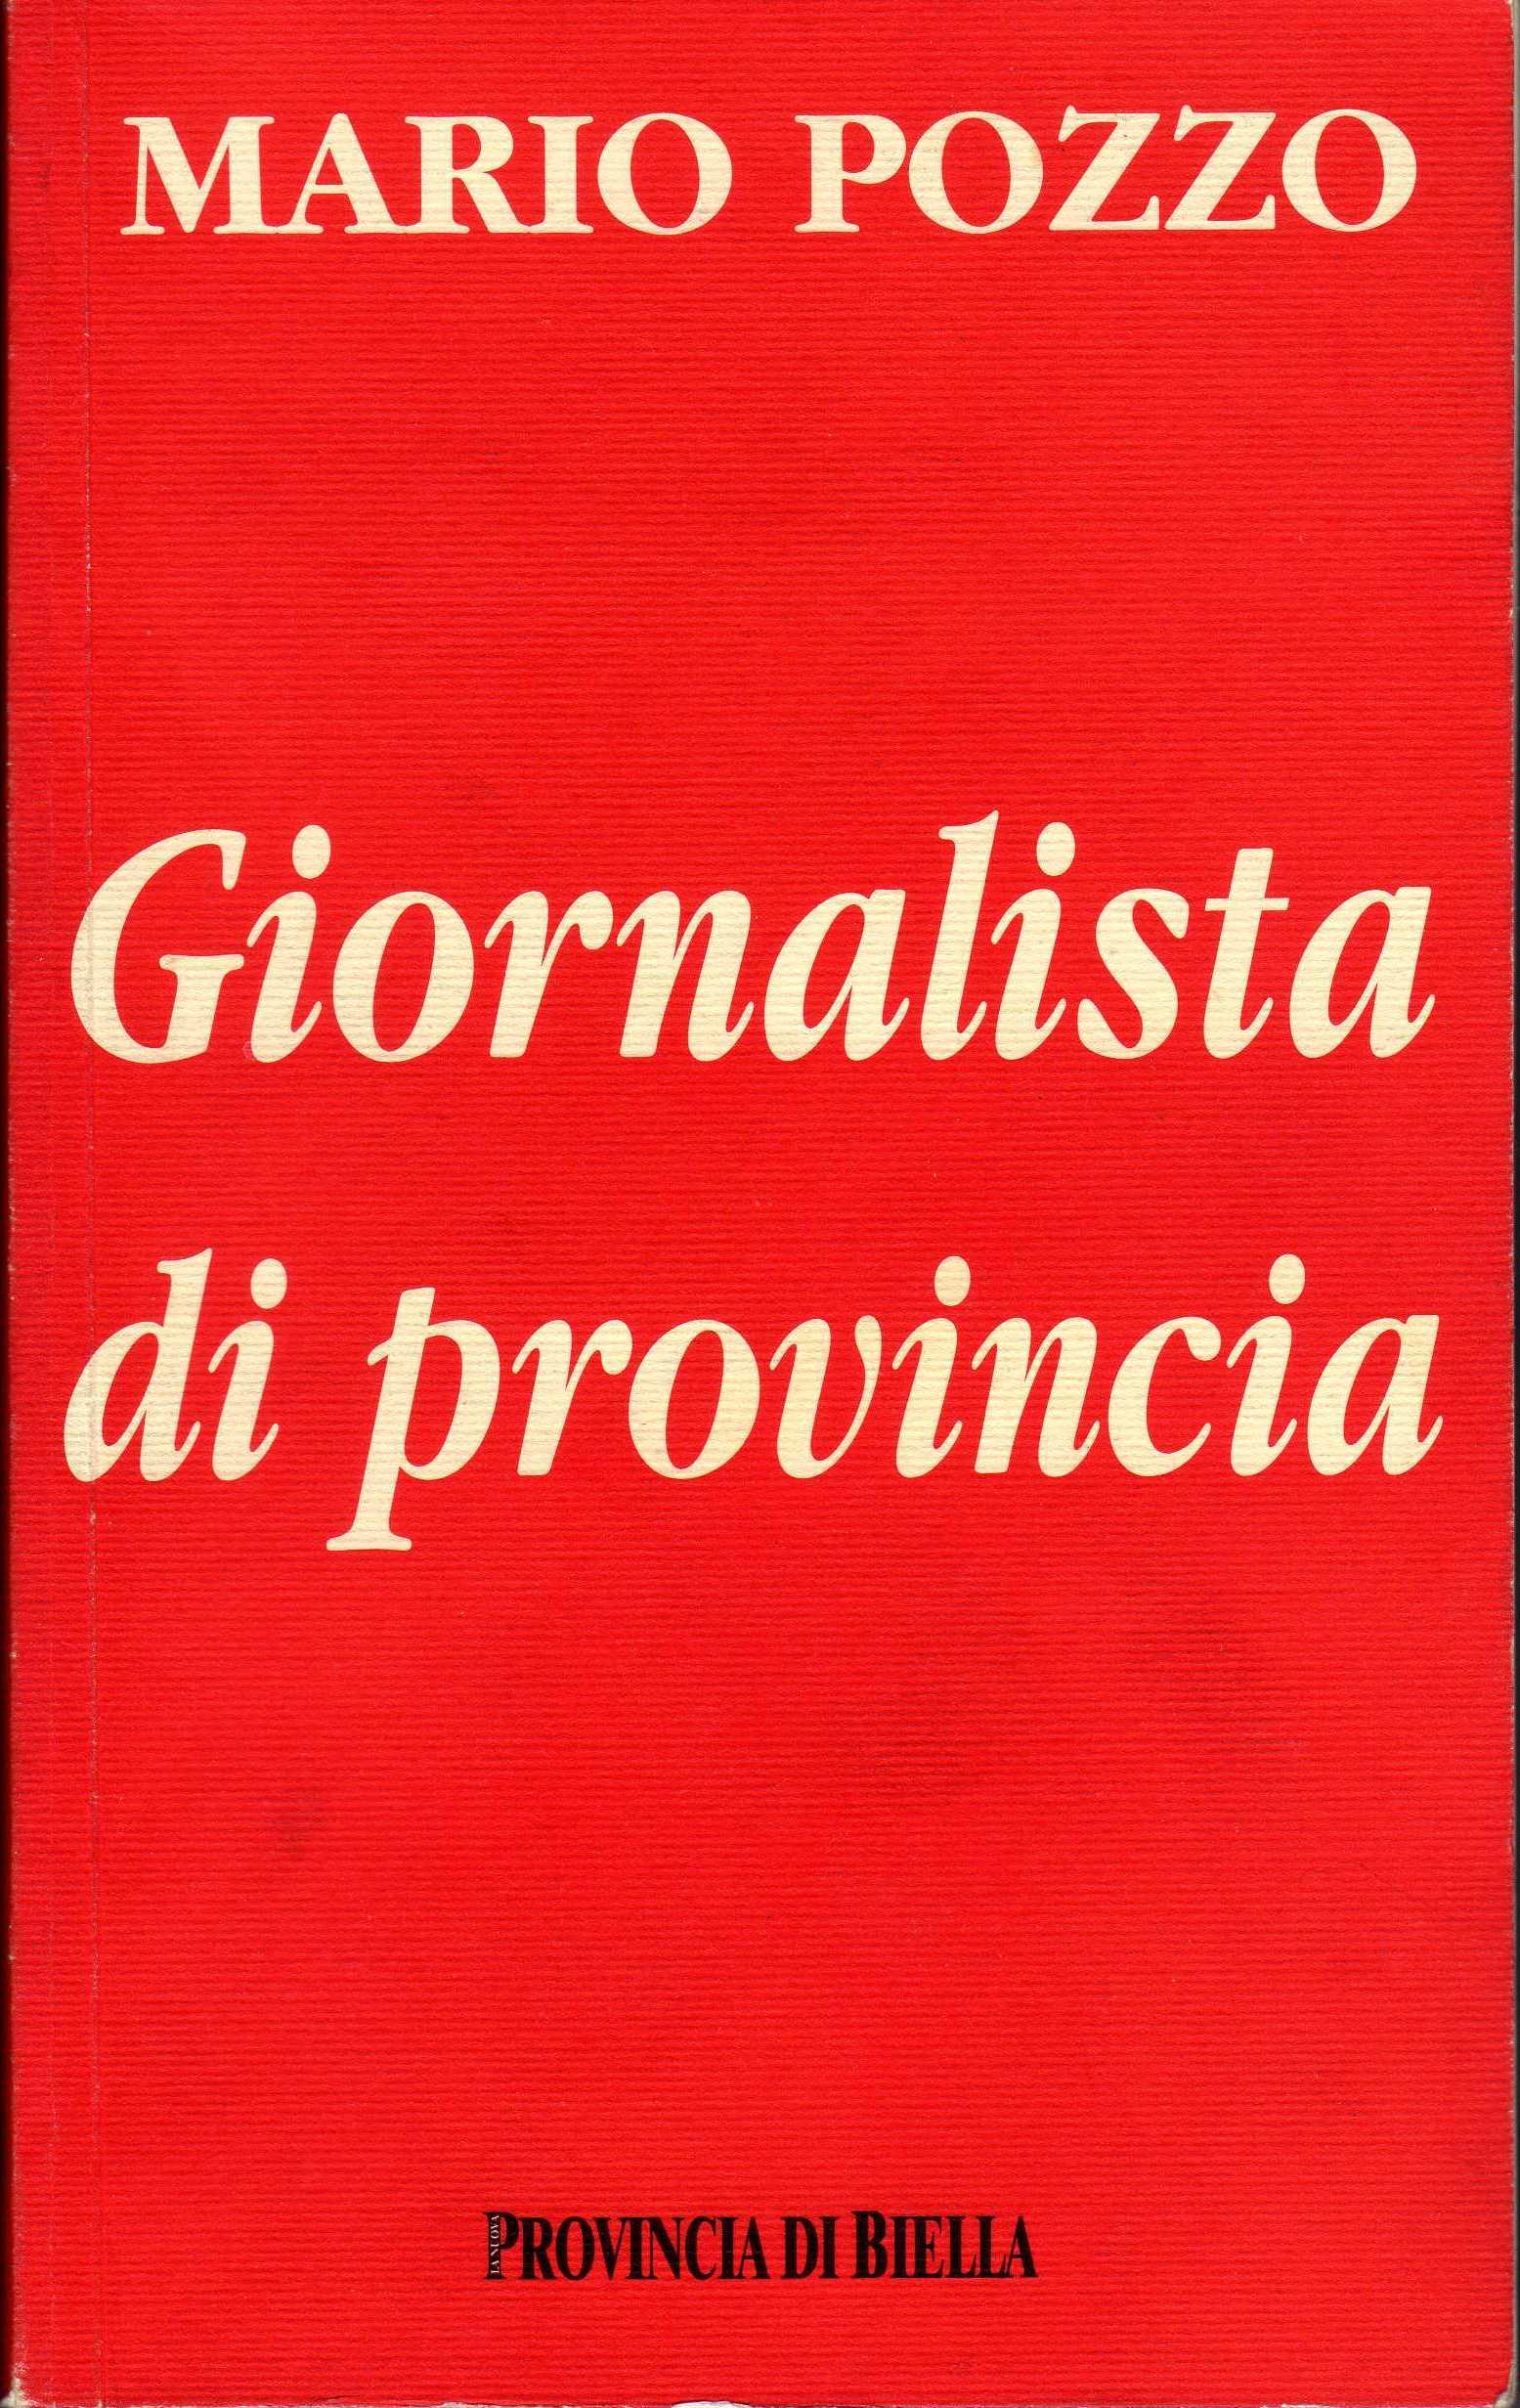 Giornalista di provincia